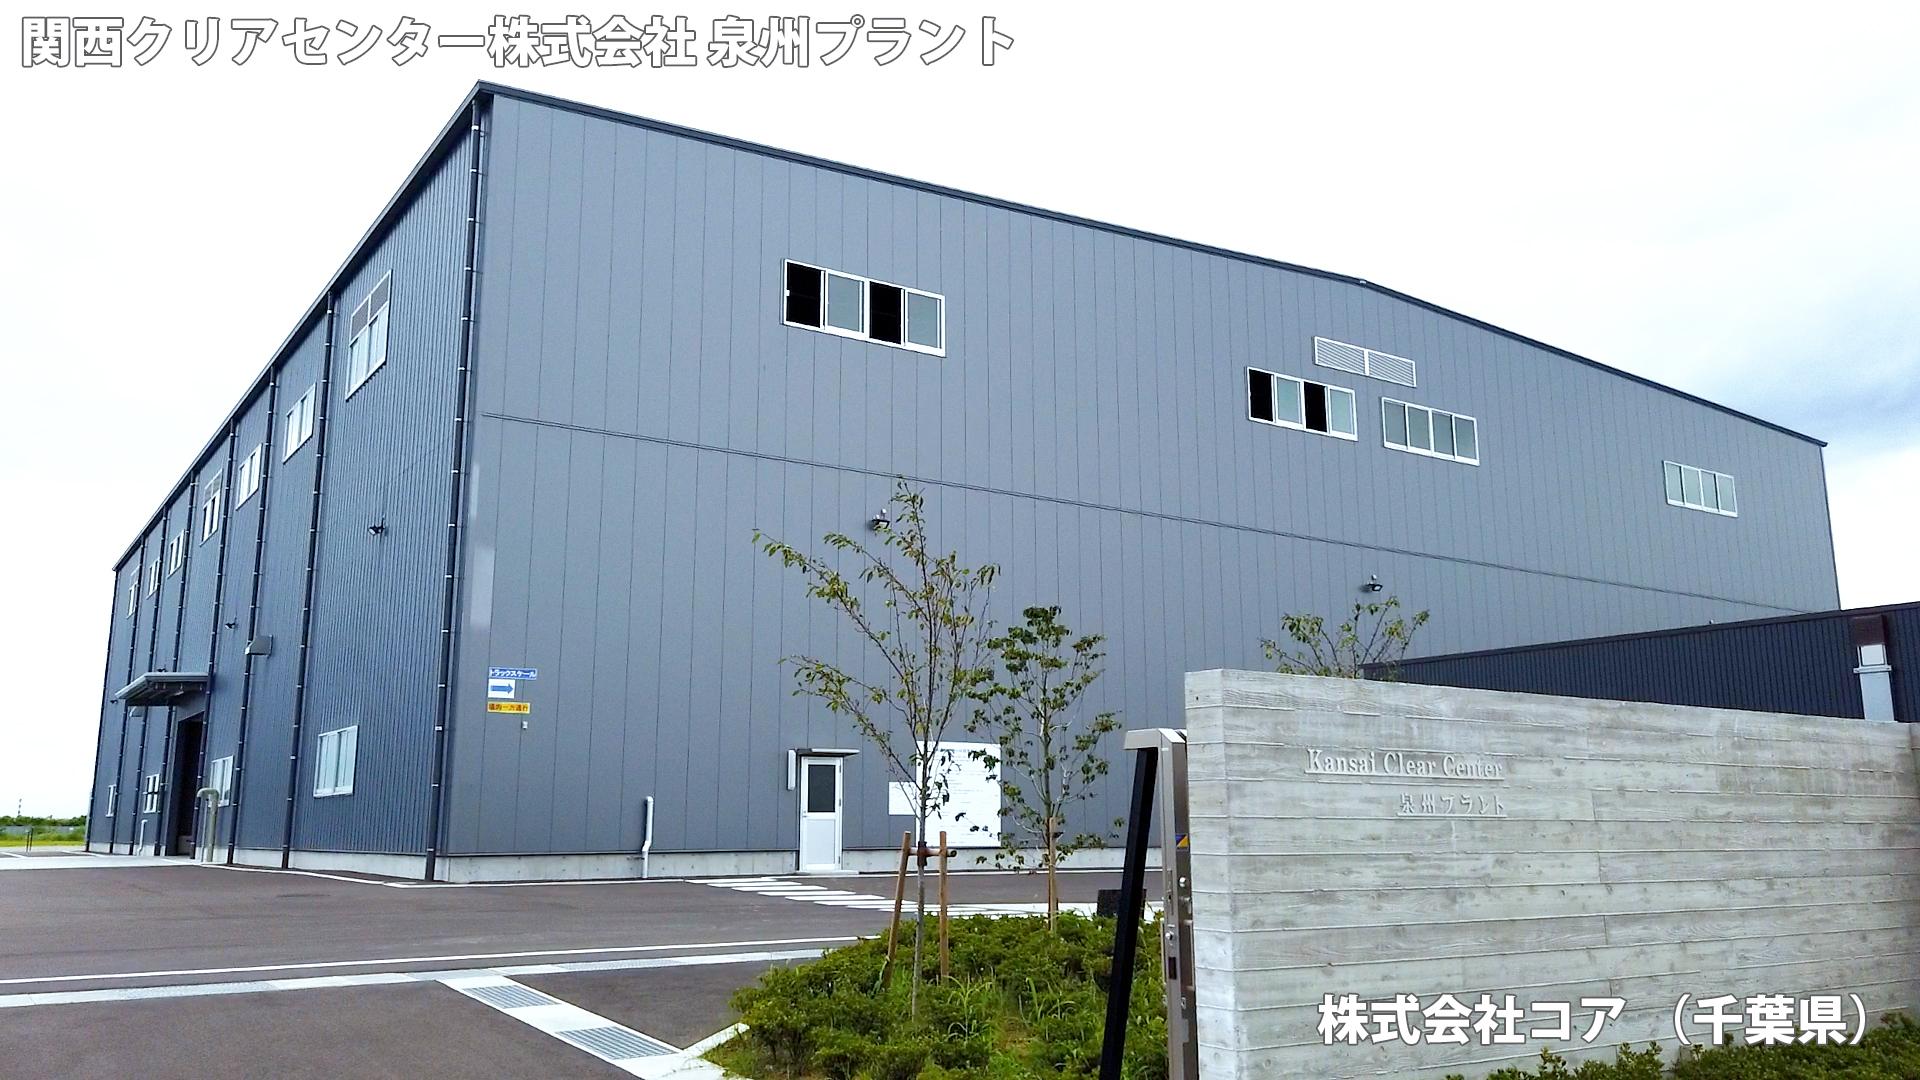 関西クリアセンター